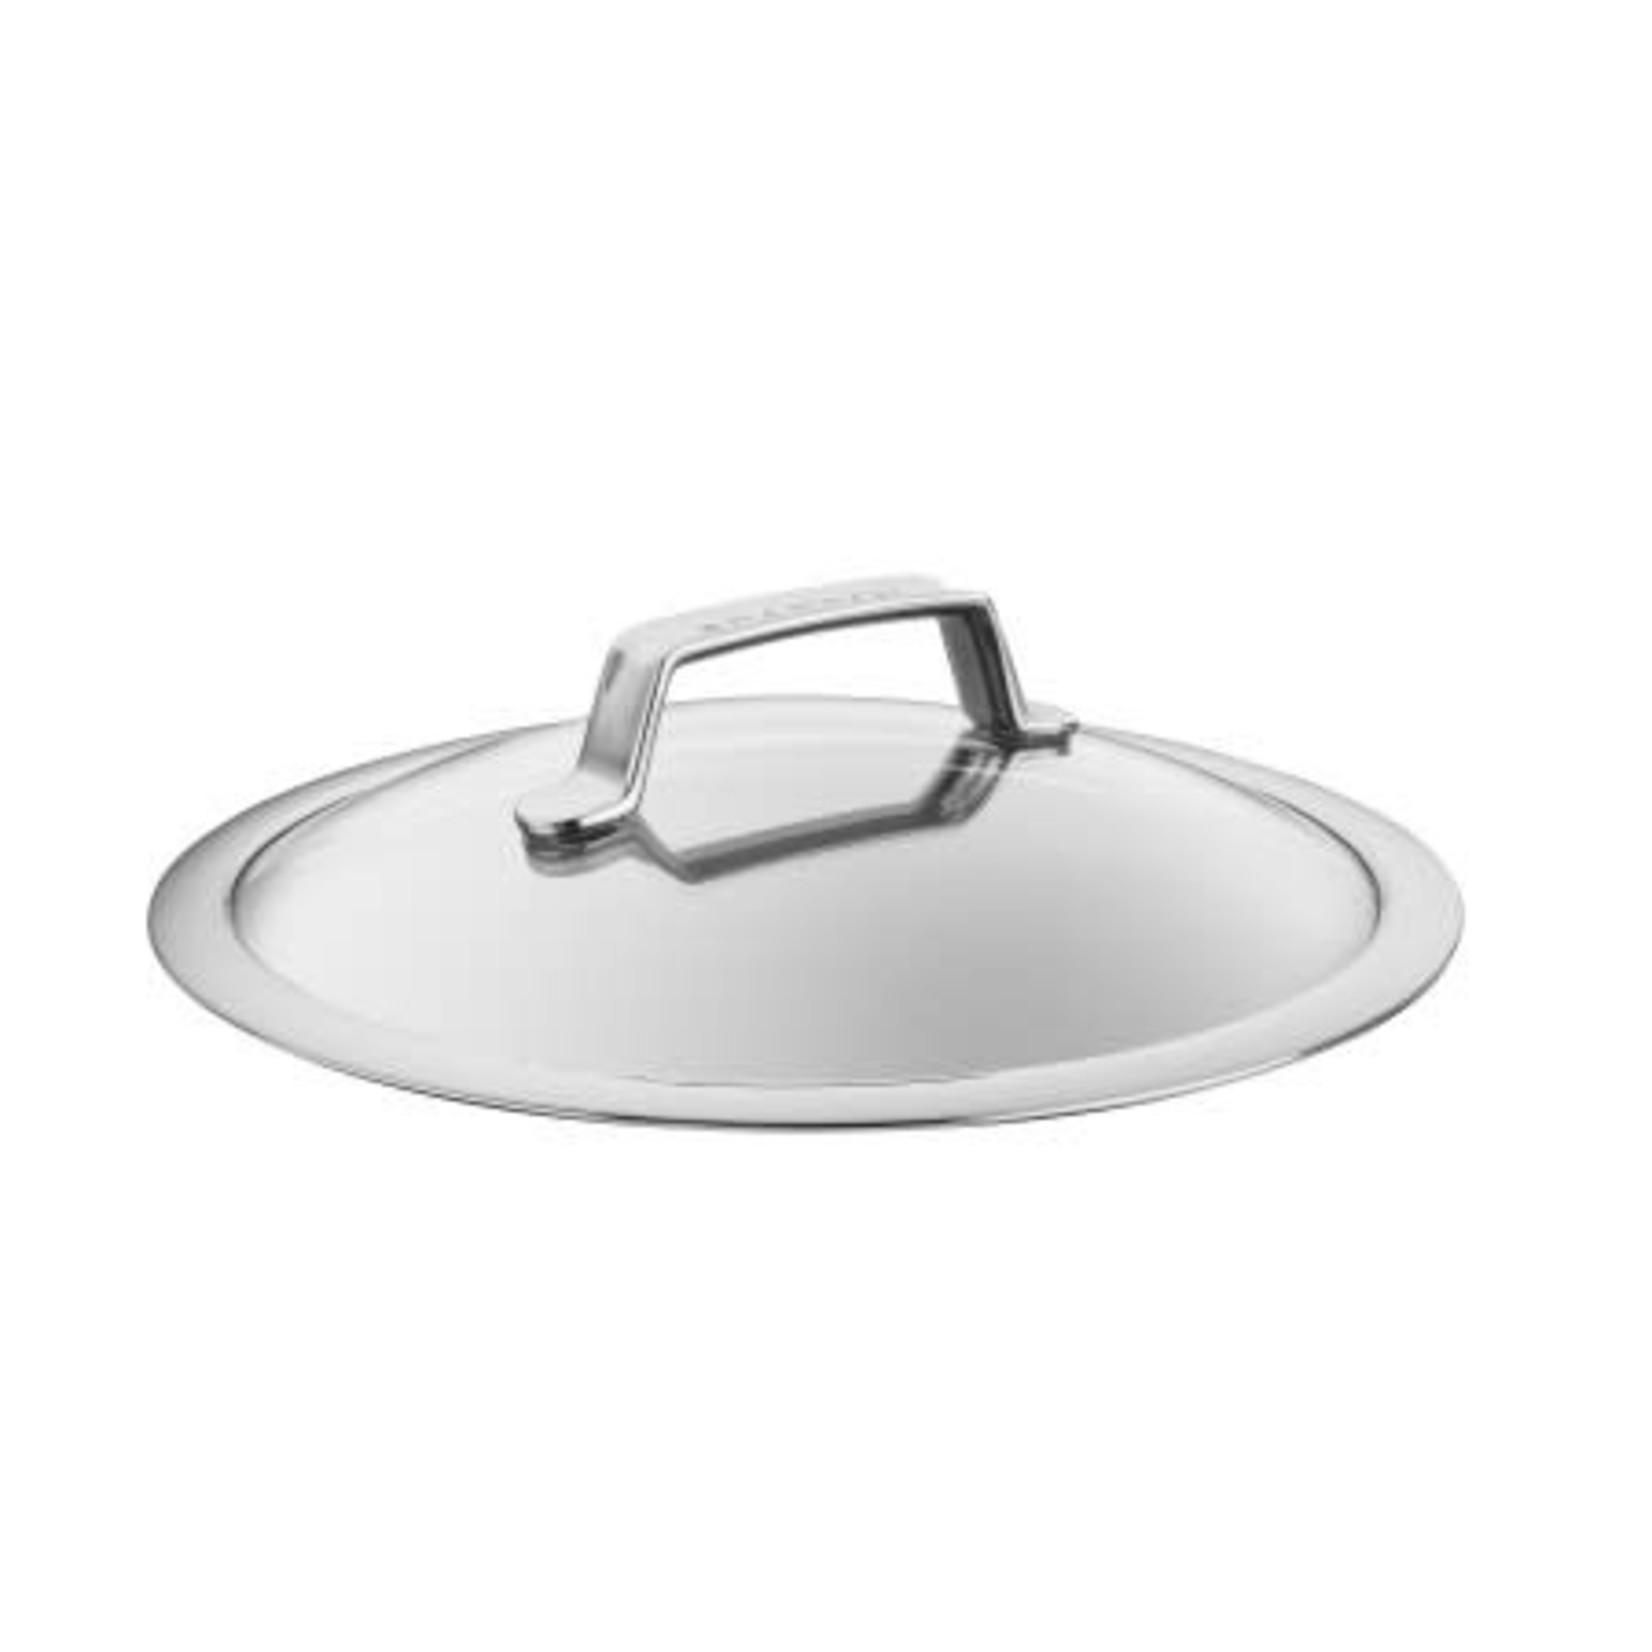 Scanpan TechnIQ deksel glas 26cm